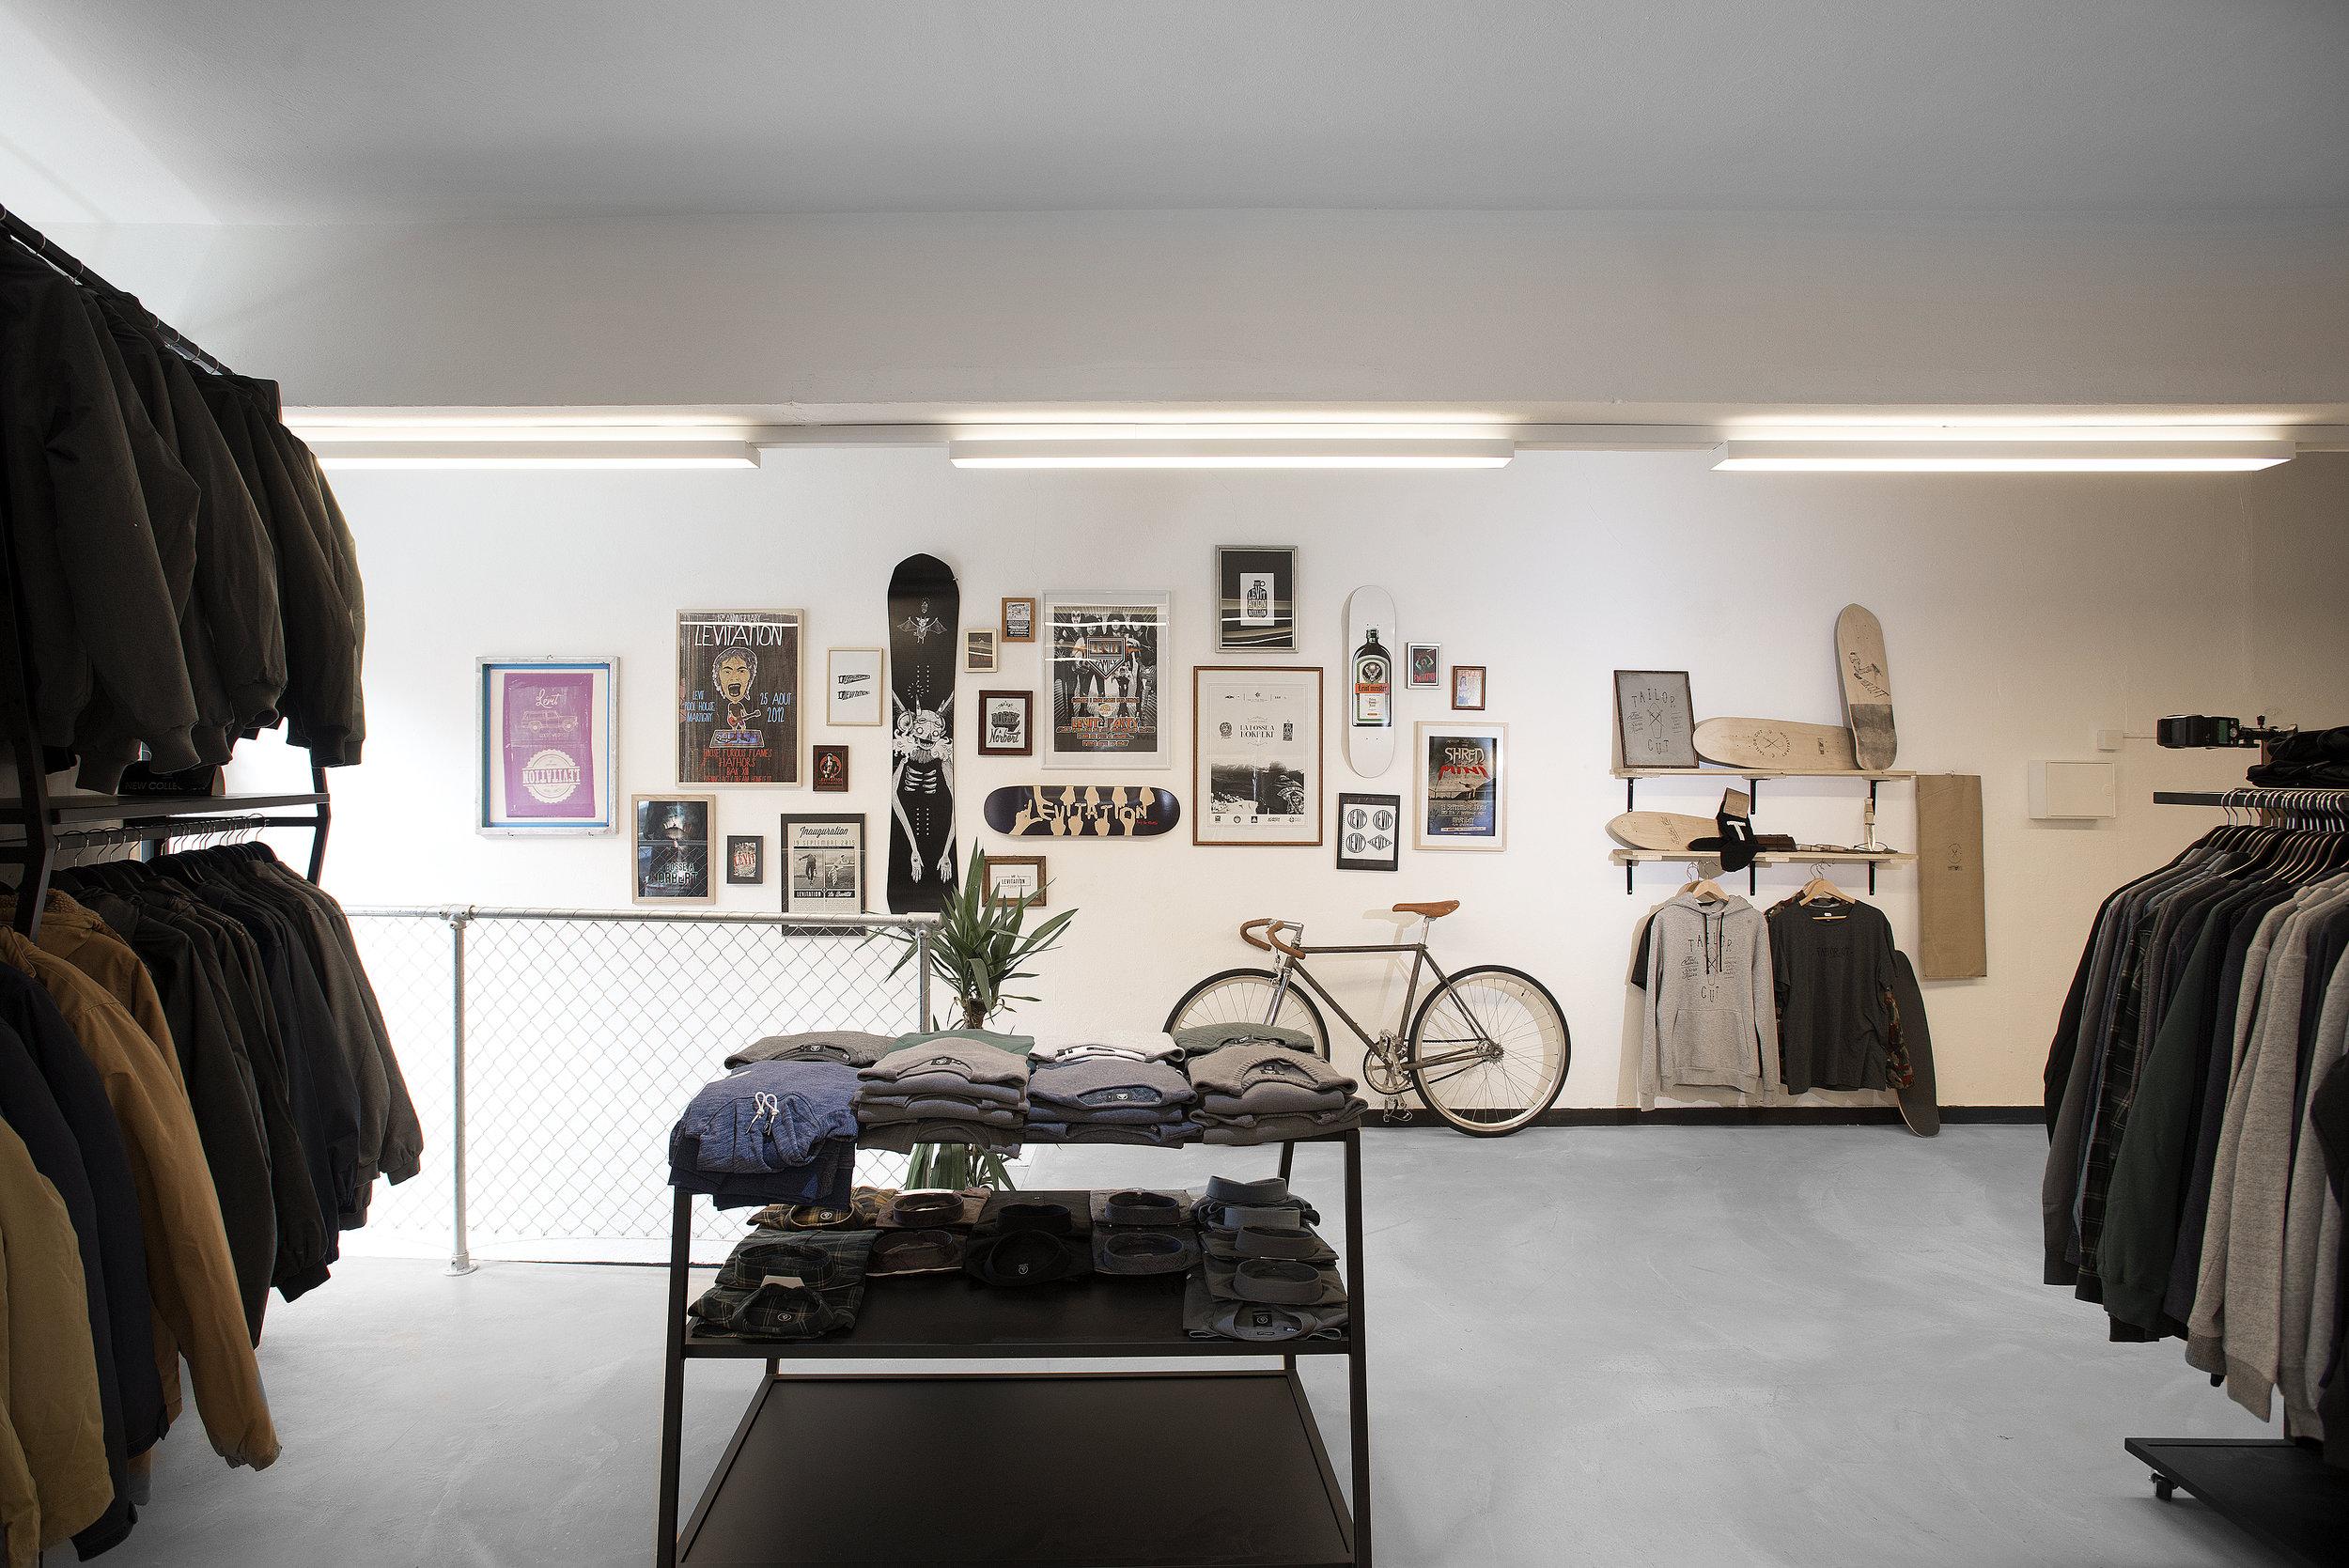 Levitation Shop